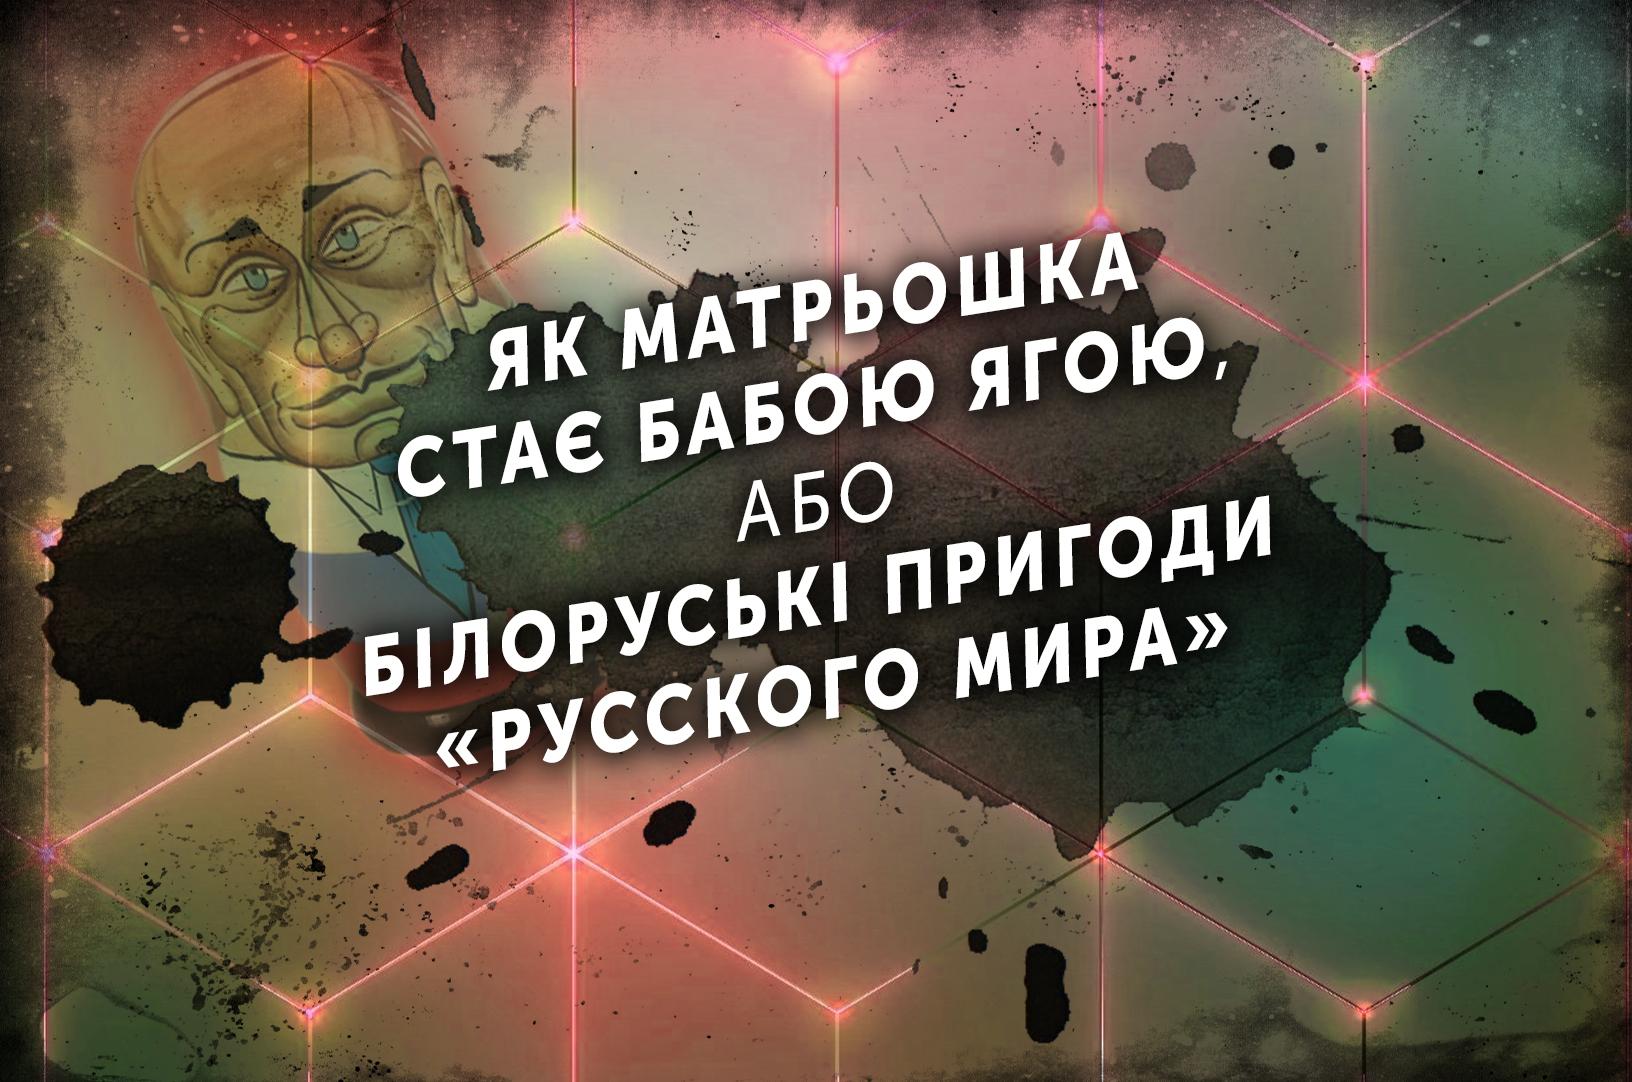 Як матрьошка стає Бабою Ягою,  або Білоруські пригоди «русского мира»